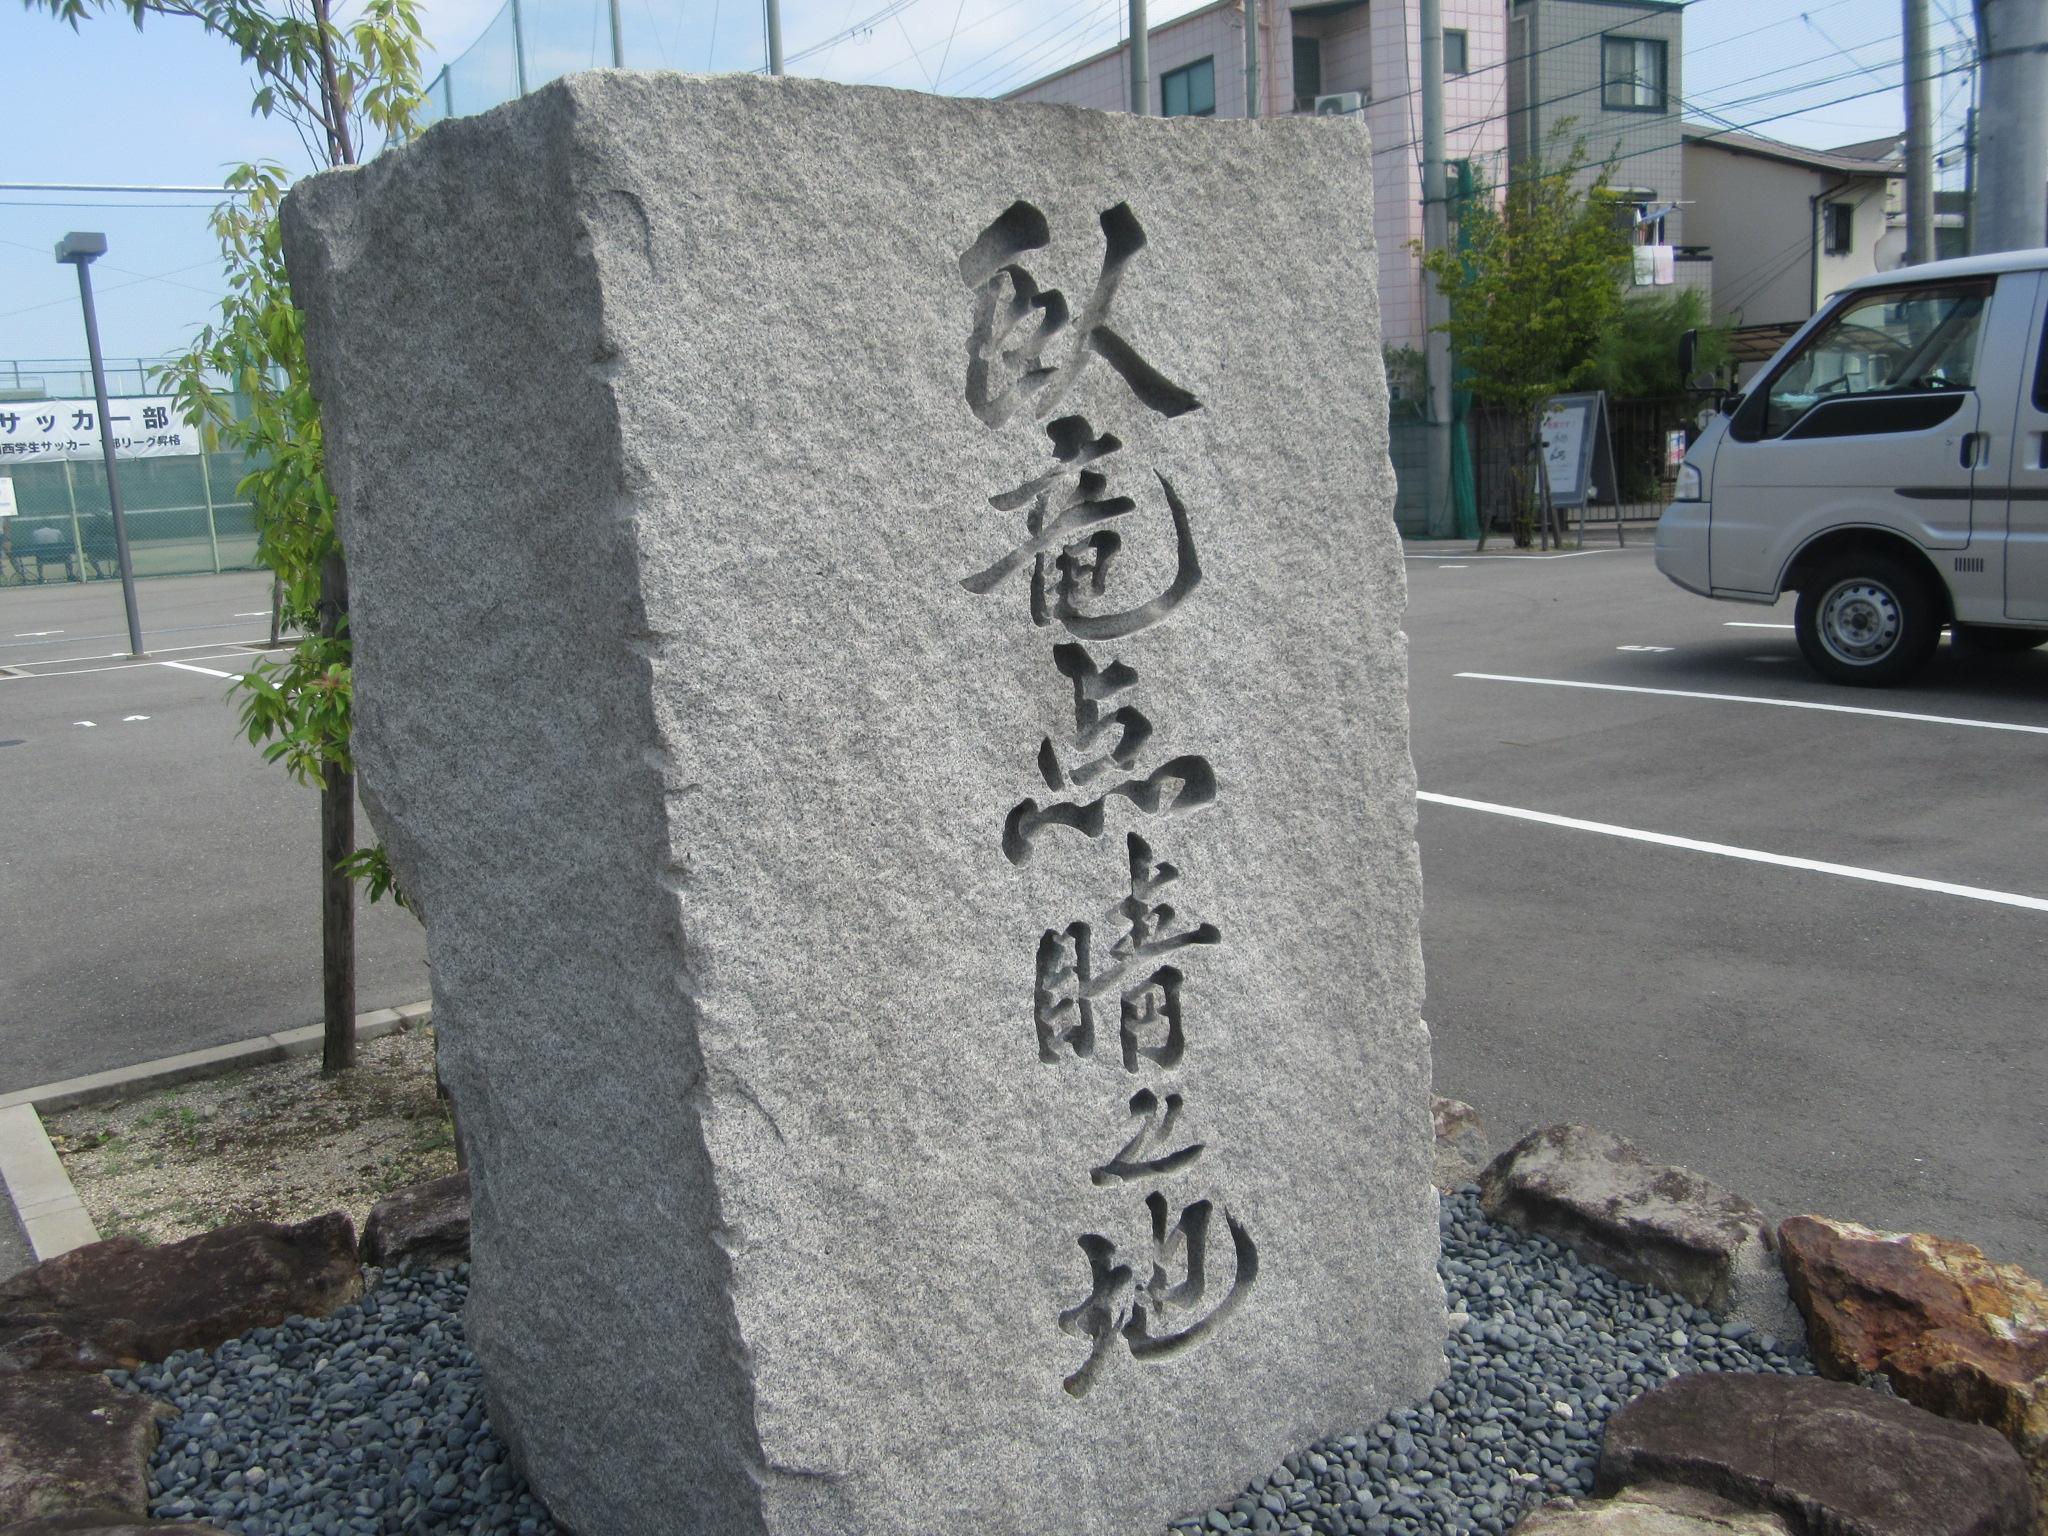 弓道場は摂津グラウンドのクラブハウス3階にあります